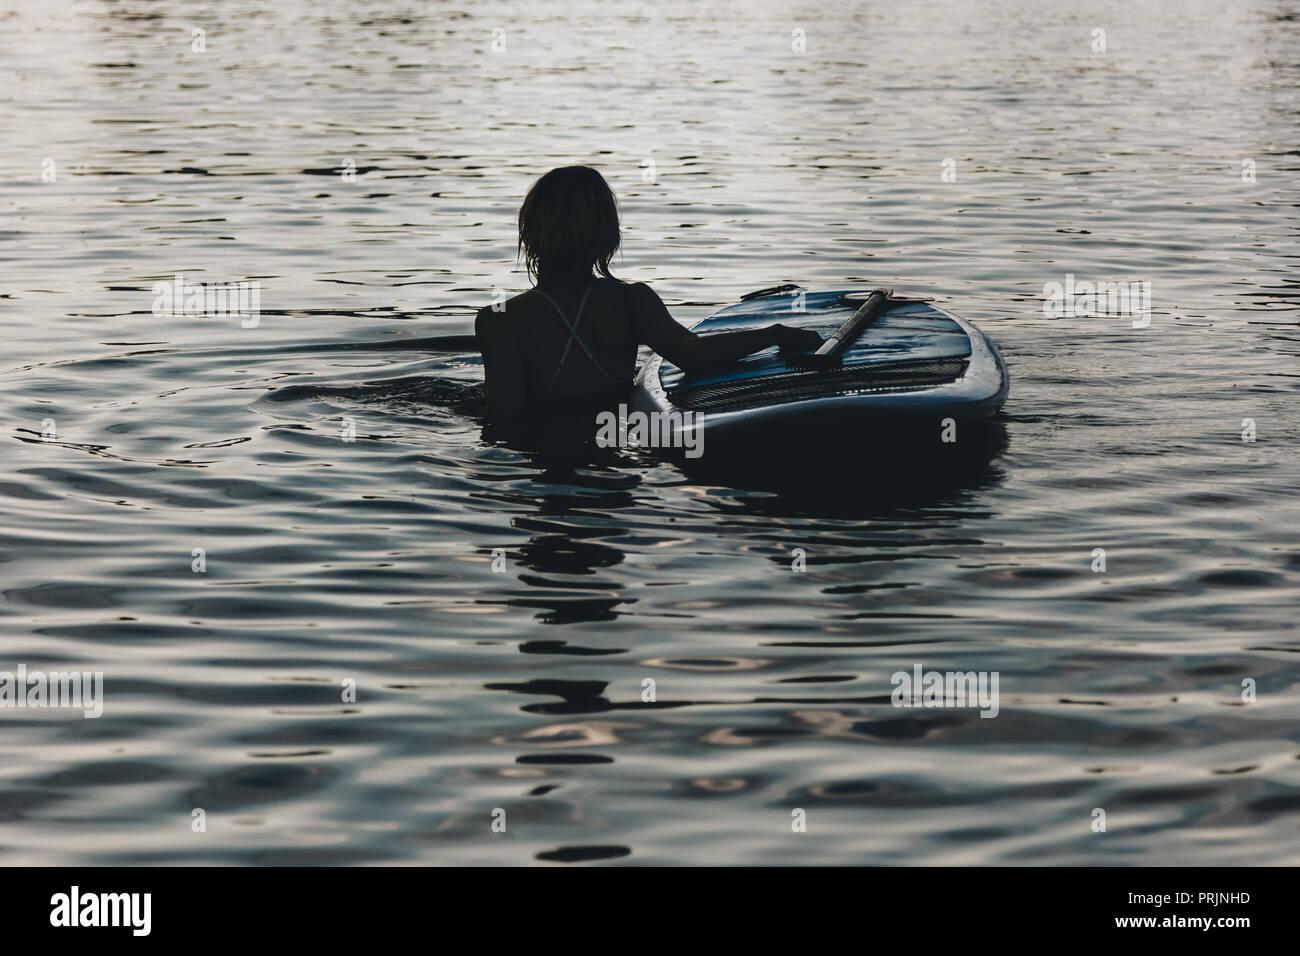 Silhouette di donna nuotare in acqua con sup board Immagini Stock